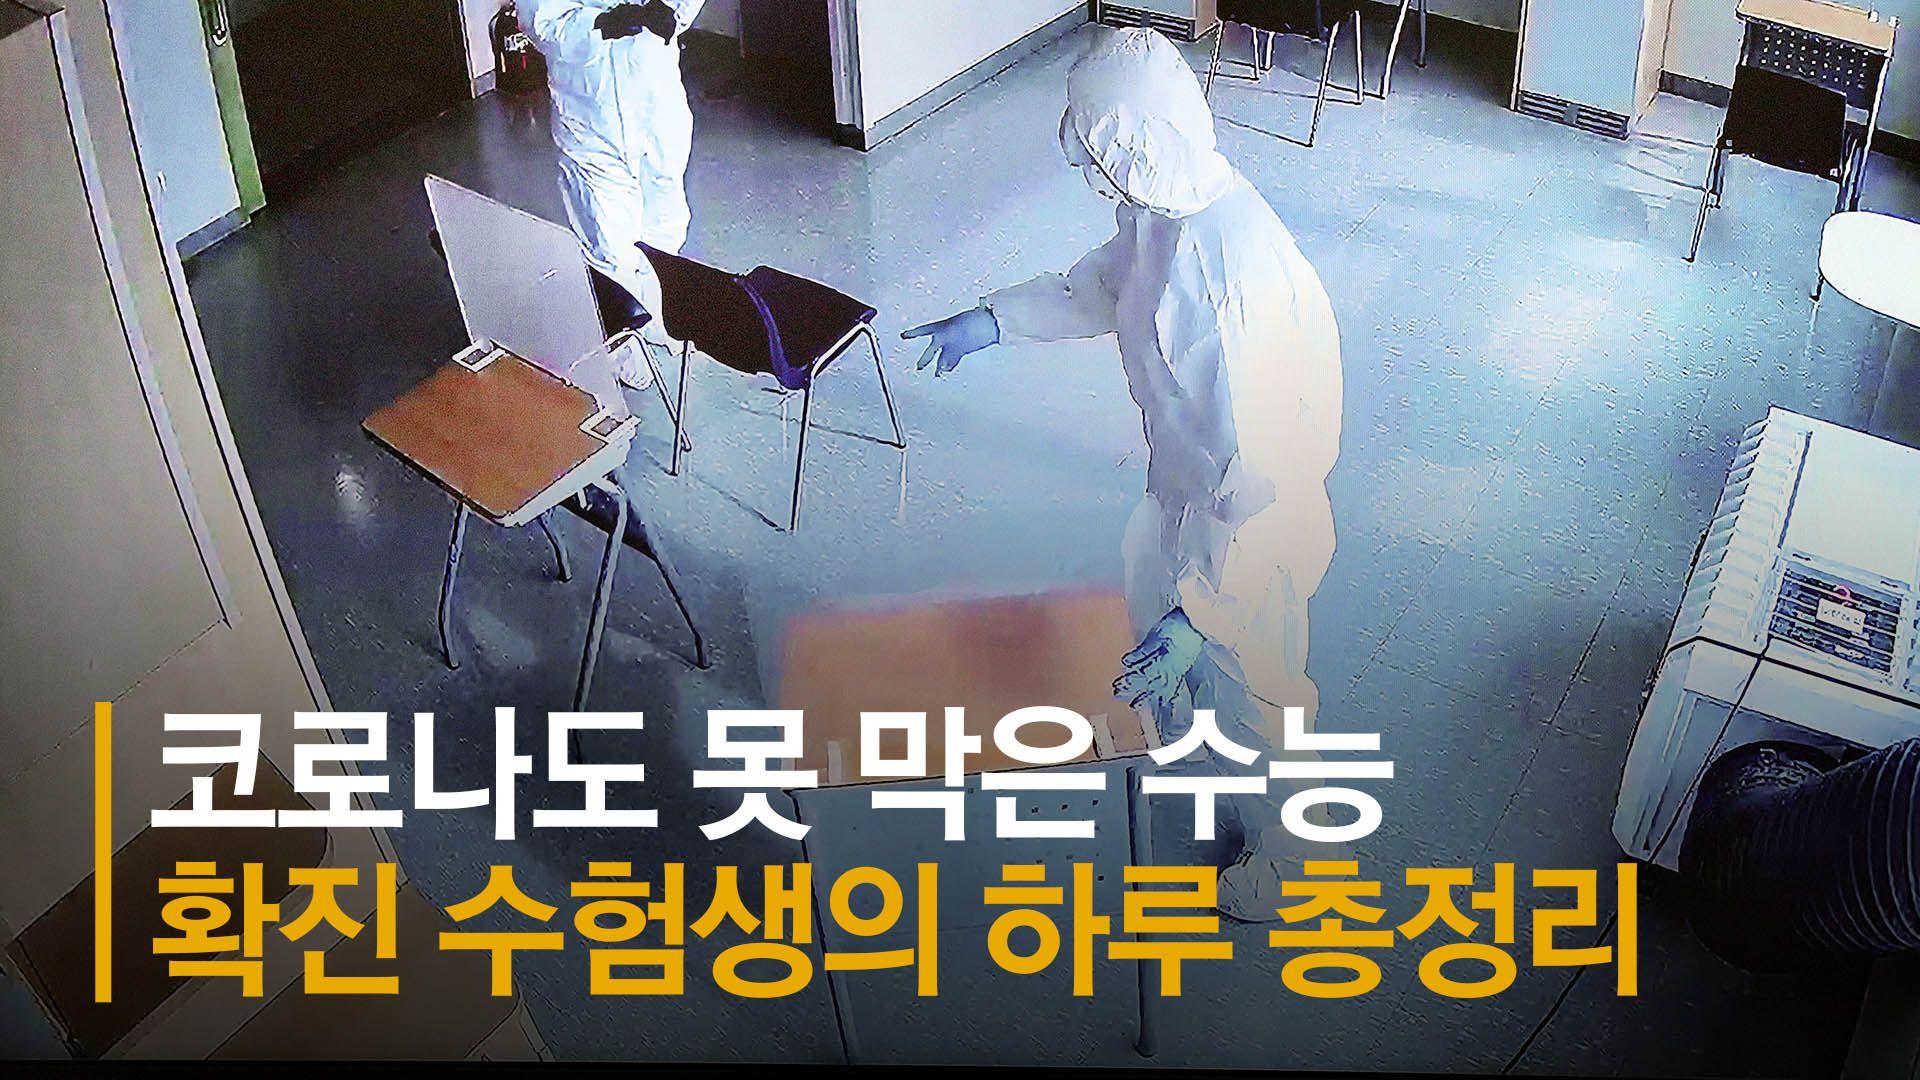 벽보고 시험, 점심은 환자식…수능 마친 5명 병실로 돌아갔다